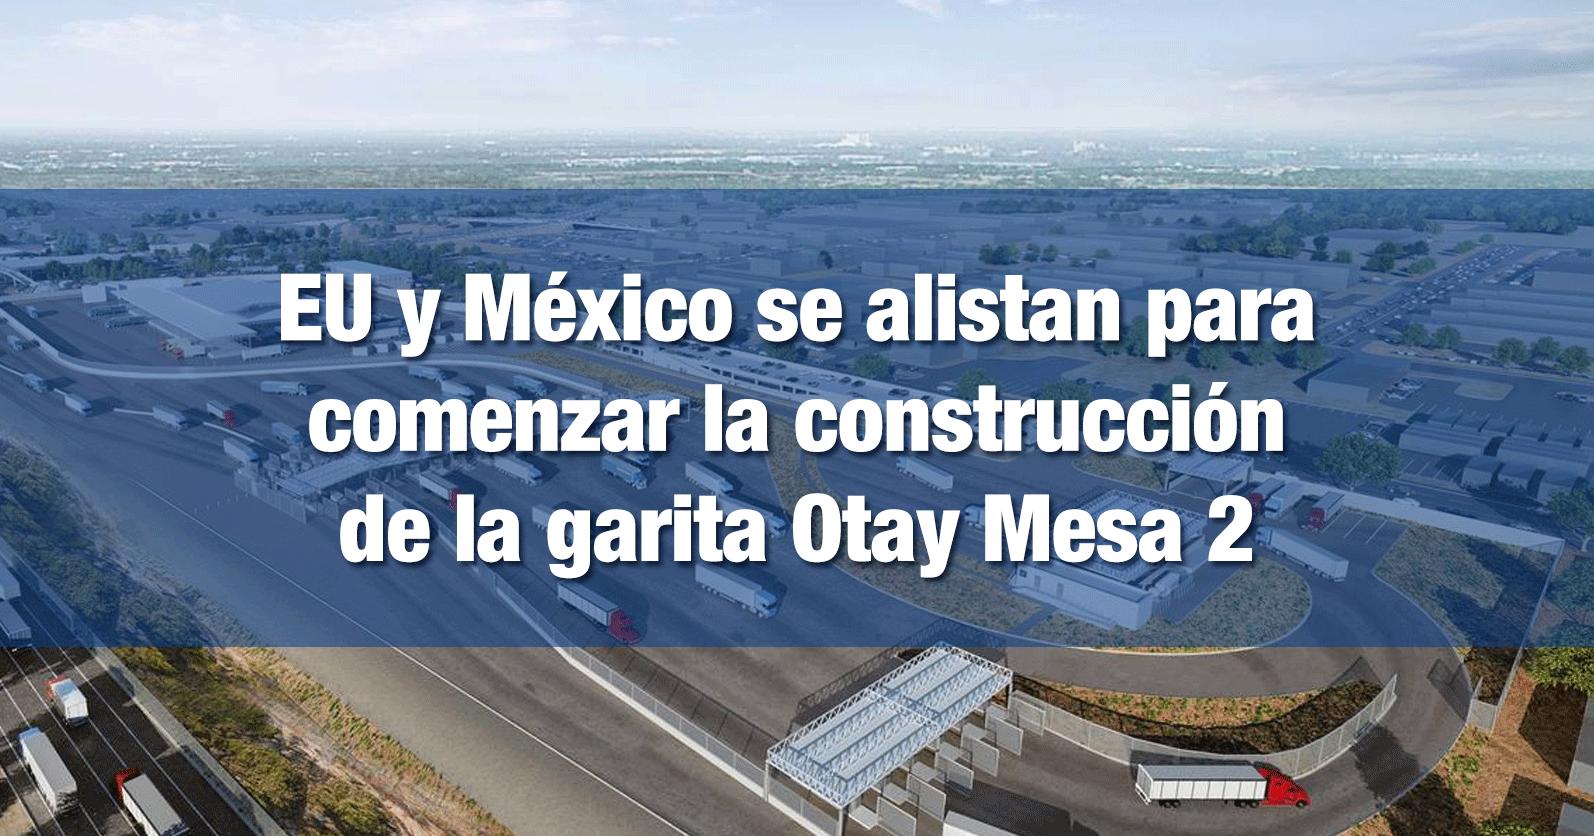 EU y México se alistan para comenzar la construcción de la garita Otay Mesa 2